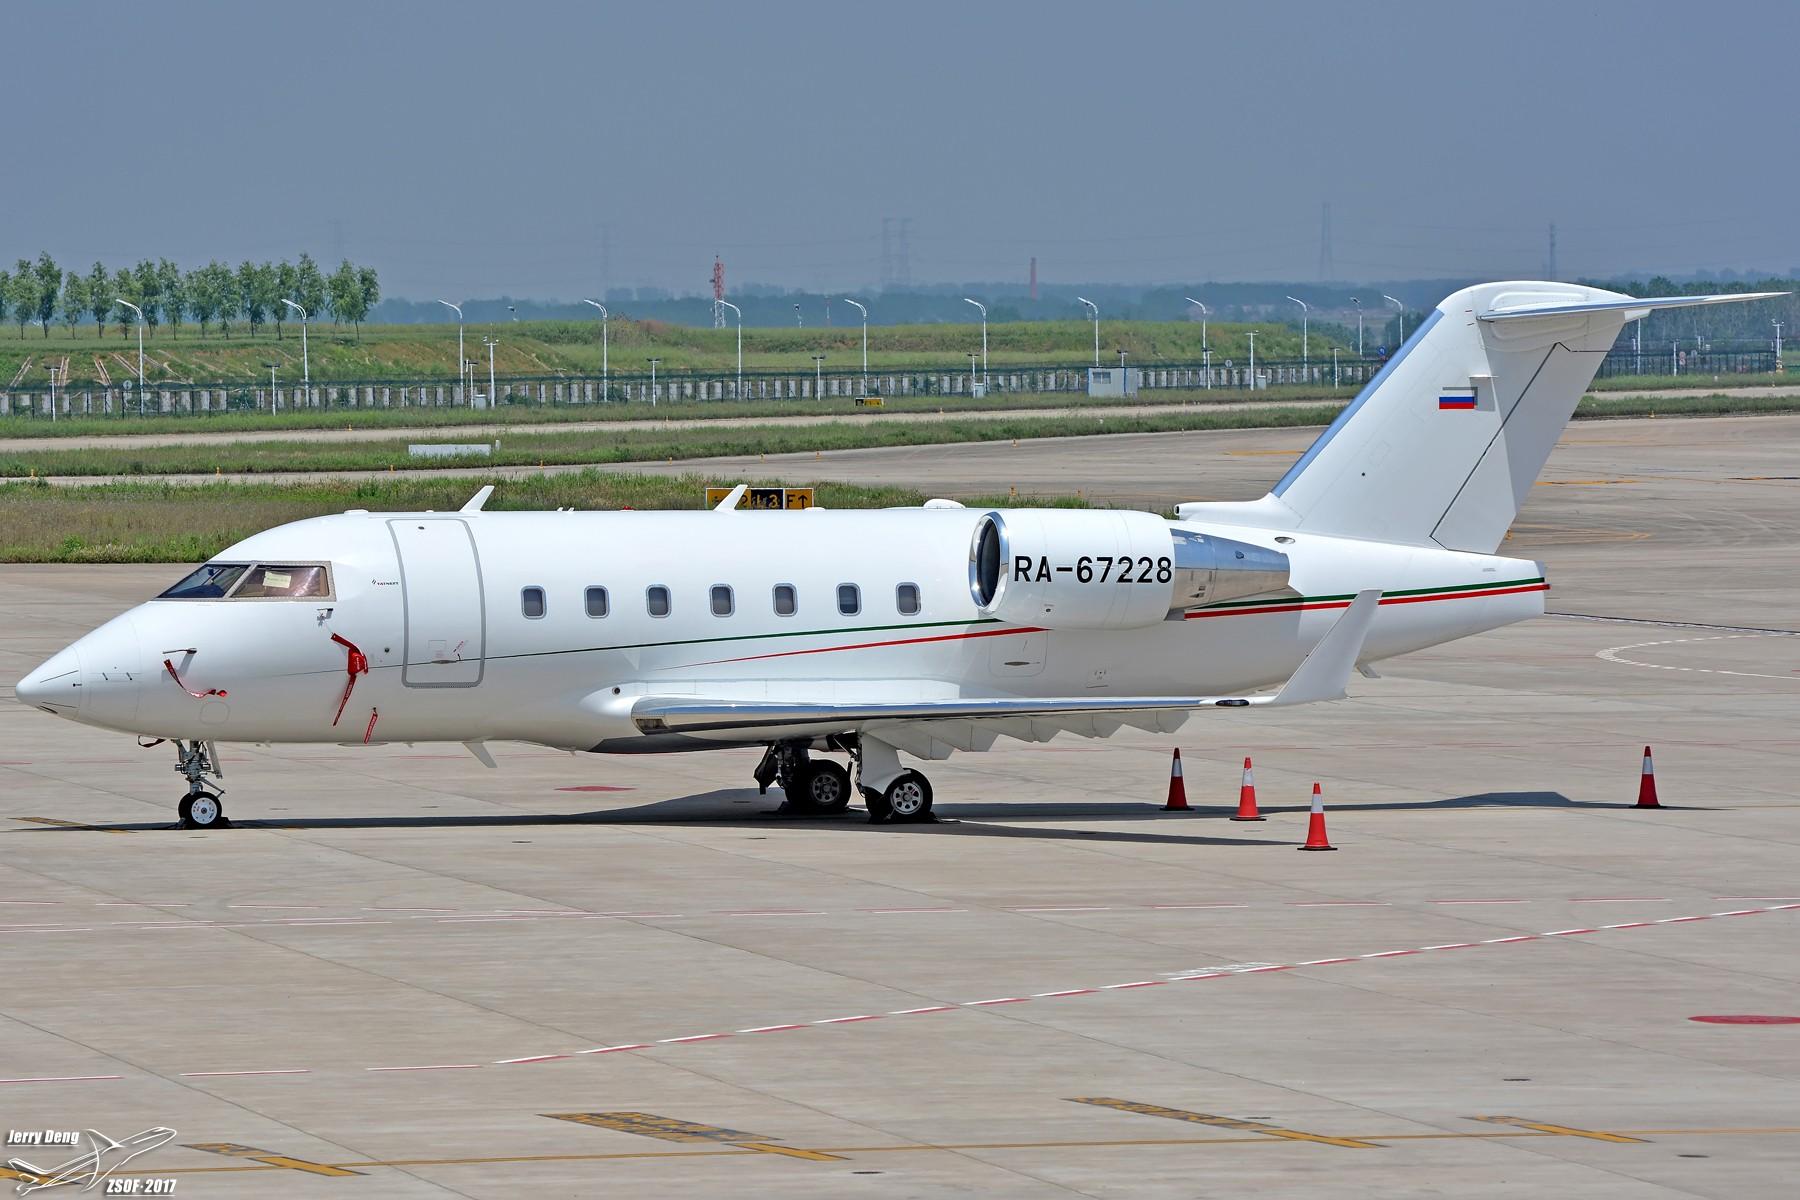 [原创]【一图党】Bombardier Challenger 604 RA-67228 载旗公务机 BOMBARDIER CHALLENGER 604 RA-67228 中国合肥新桥国际机场